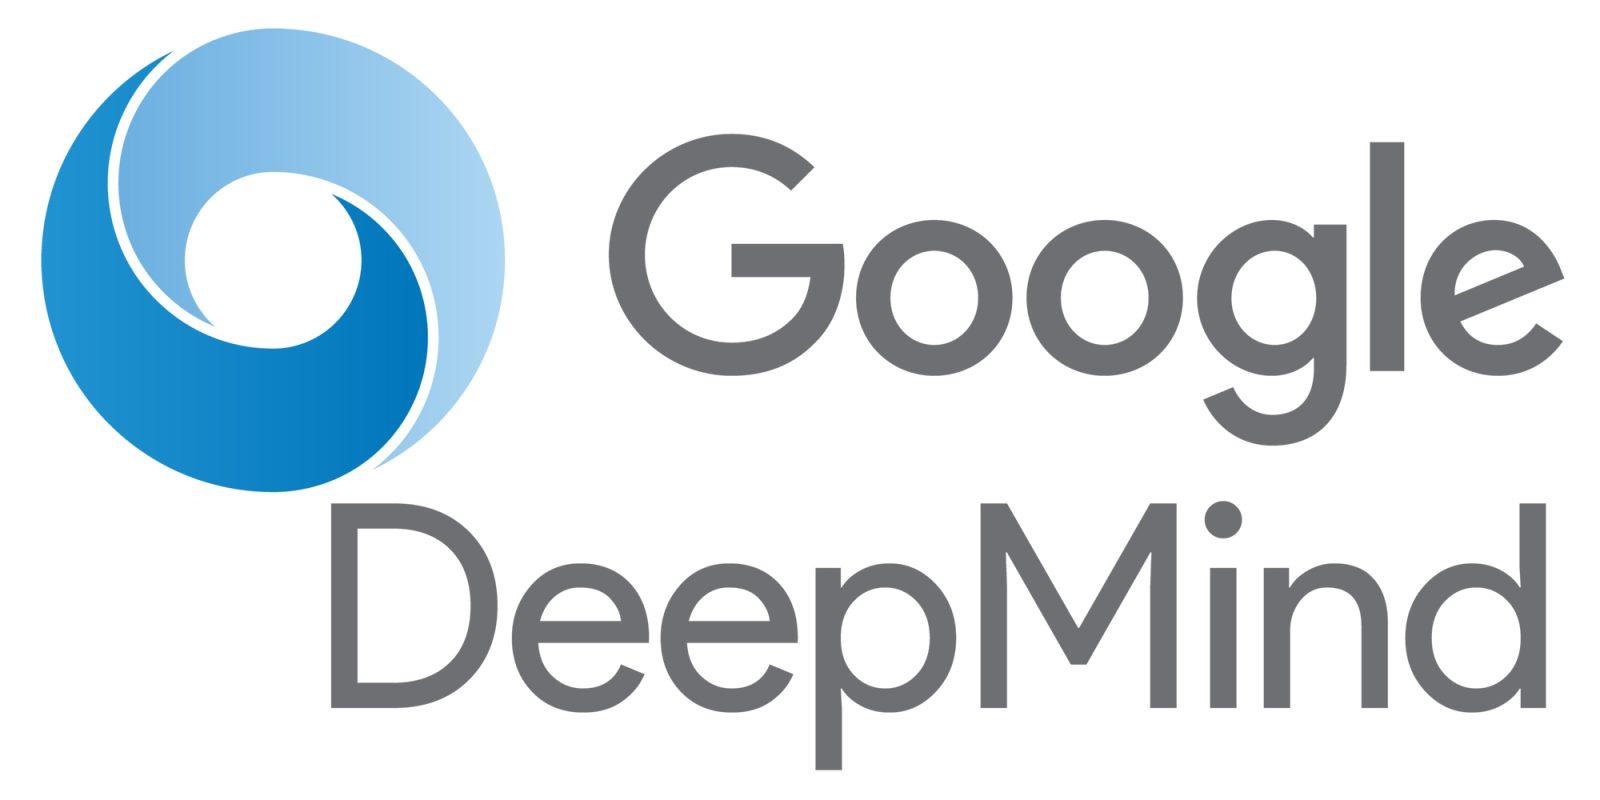 DeepMind prevede tutto il proteoma umano: un progresso epocale gratis